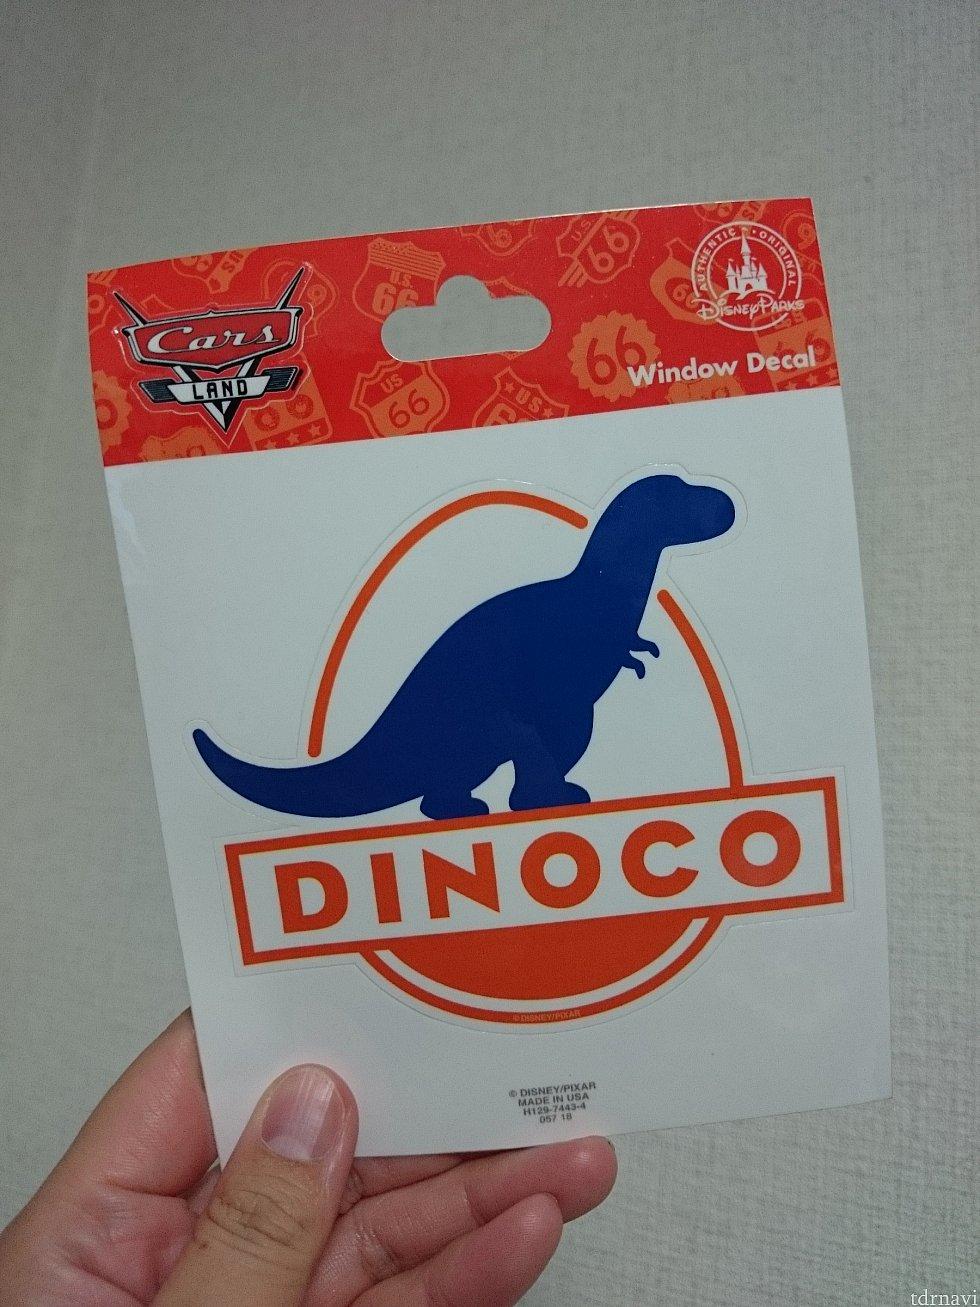 DINOCOのステッカー! 9.99ドル。